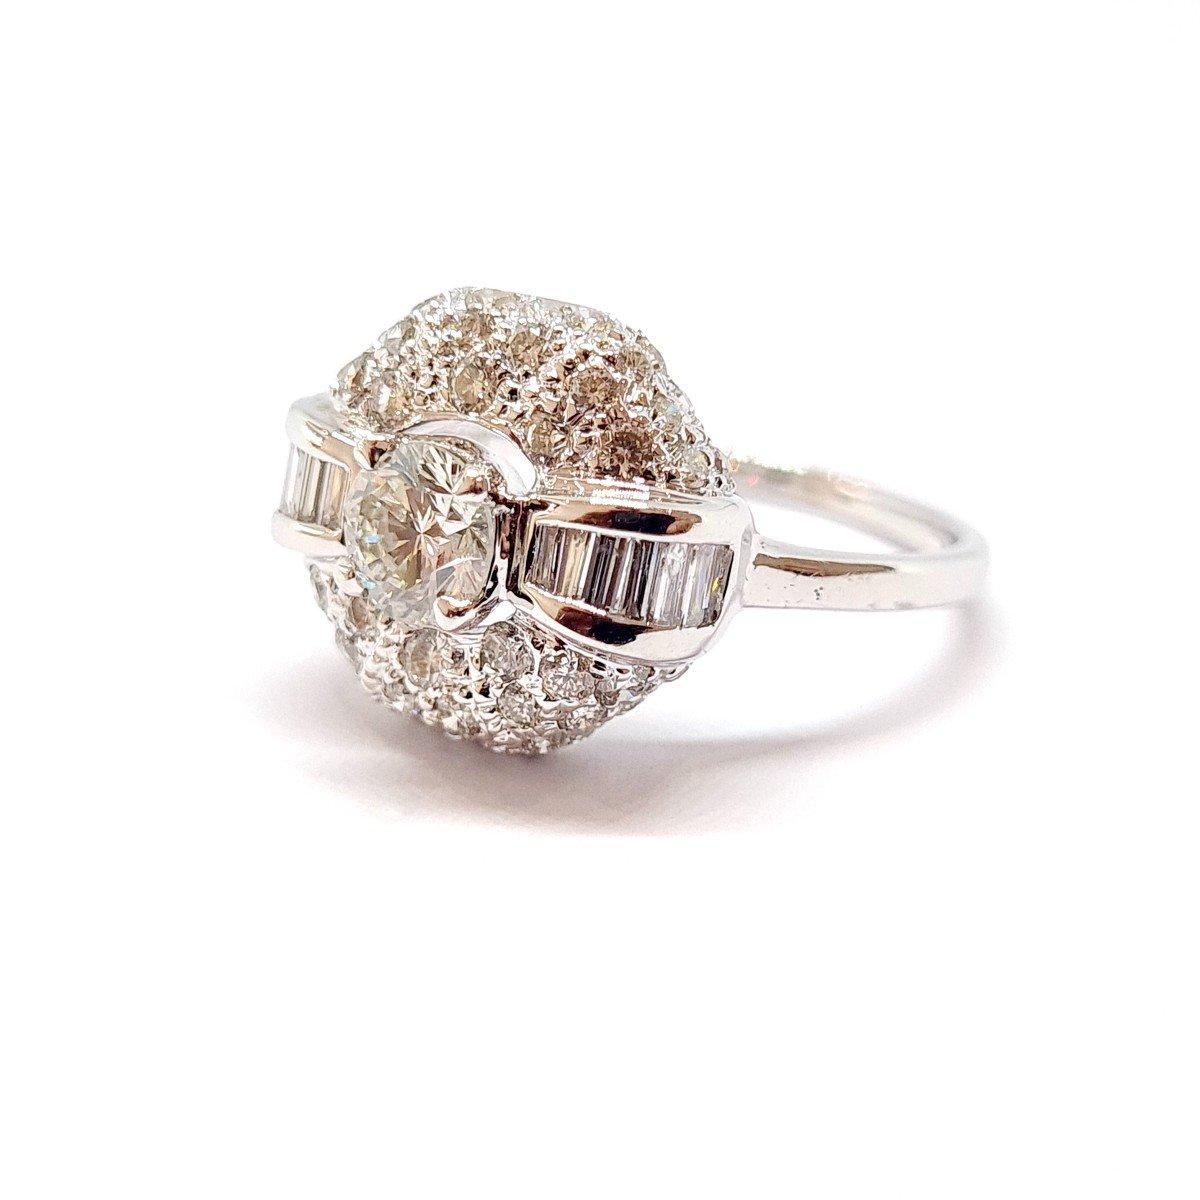 Art Deco Ring (1920 - 1935) 18k White Gold Diamonds-photo-2